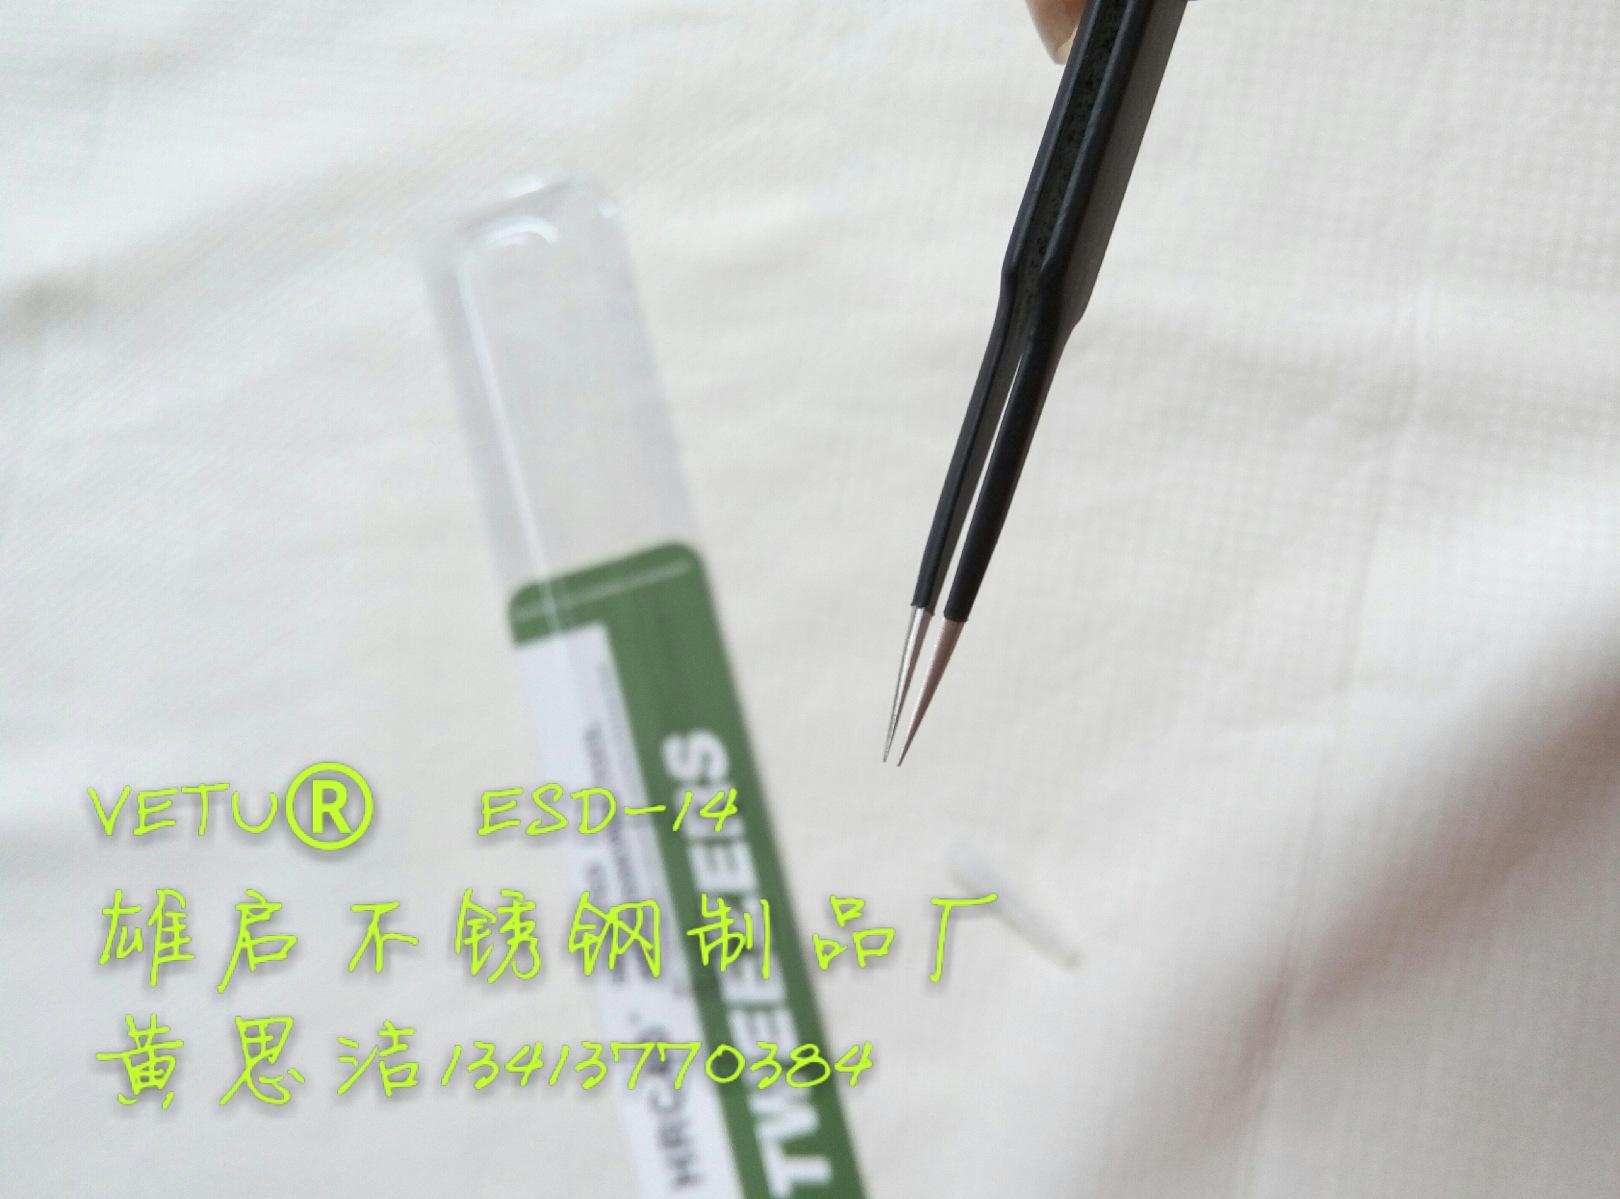 不锈钢镊子,尖头镊子,防静电镊子VETUS ESD-14